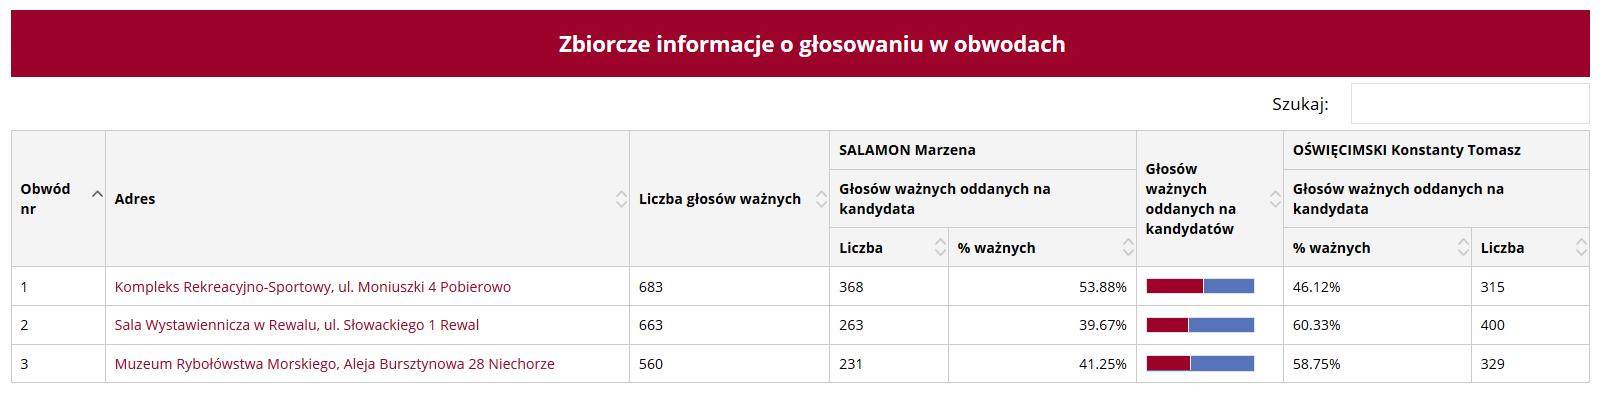 Podział głosów w poszczególnych obwodach podczas drugiej tury wyborów na wójta gminy Rewal